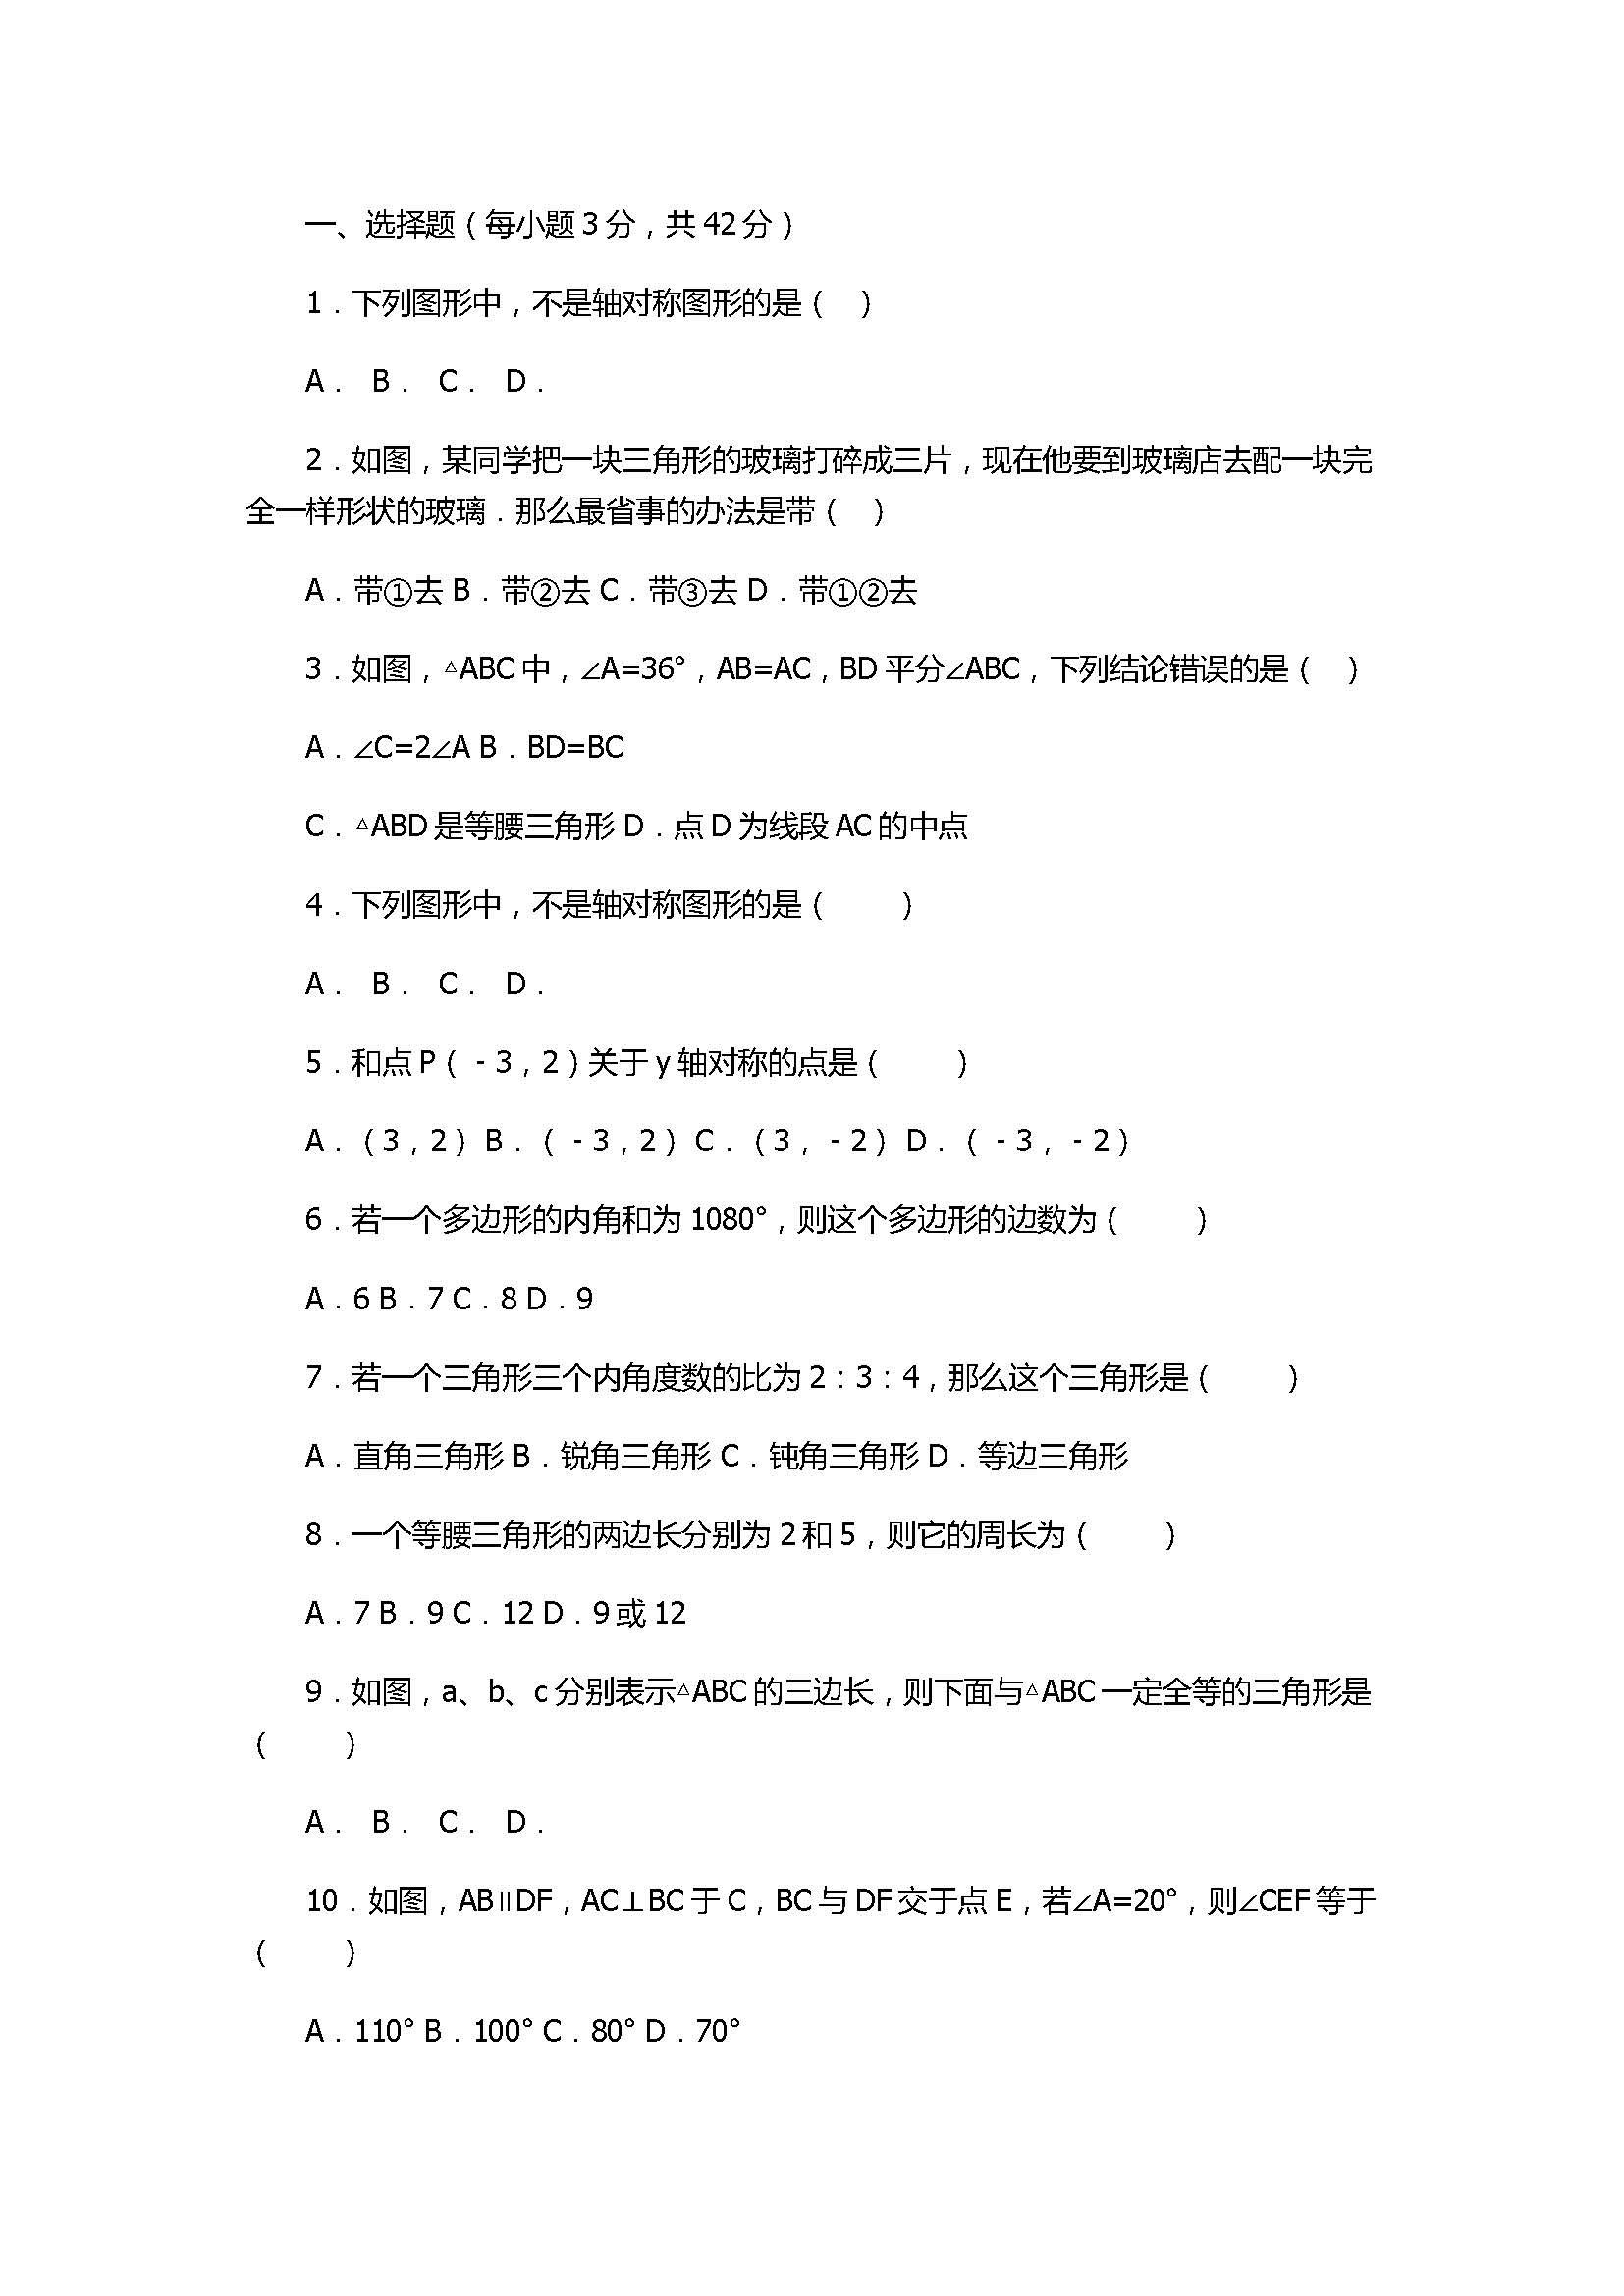 人教版2017八年级数学期中试卷含答案和解释(无为尚文学校)